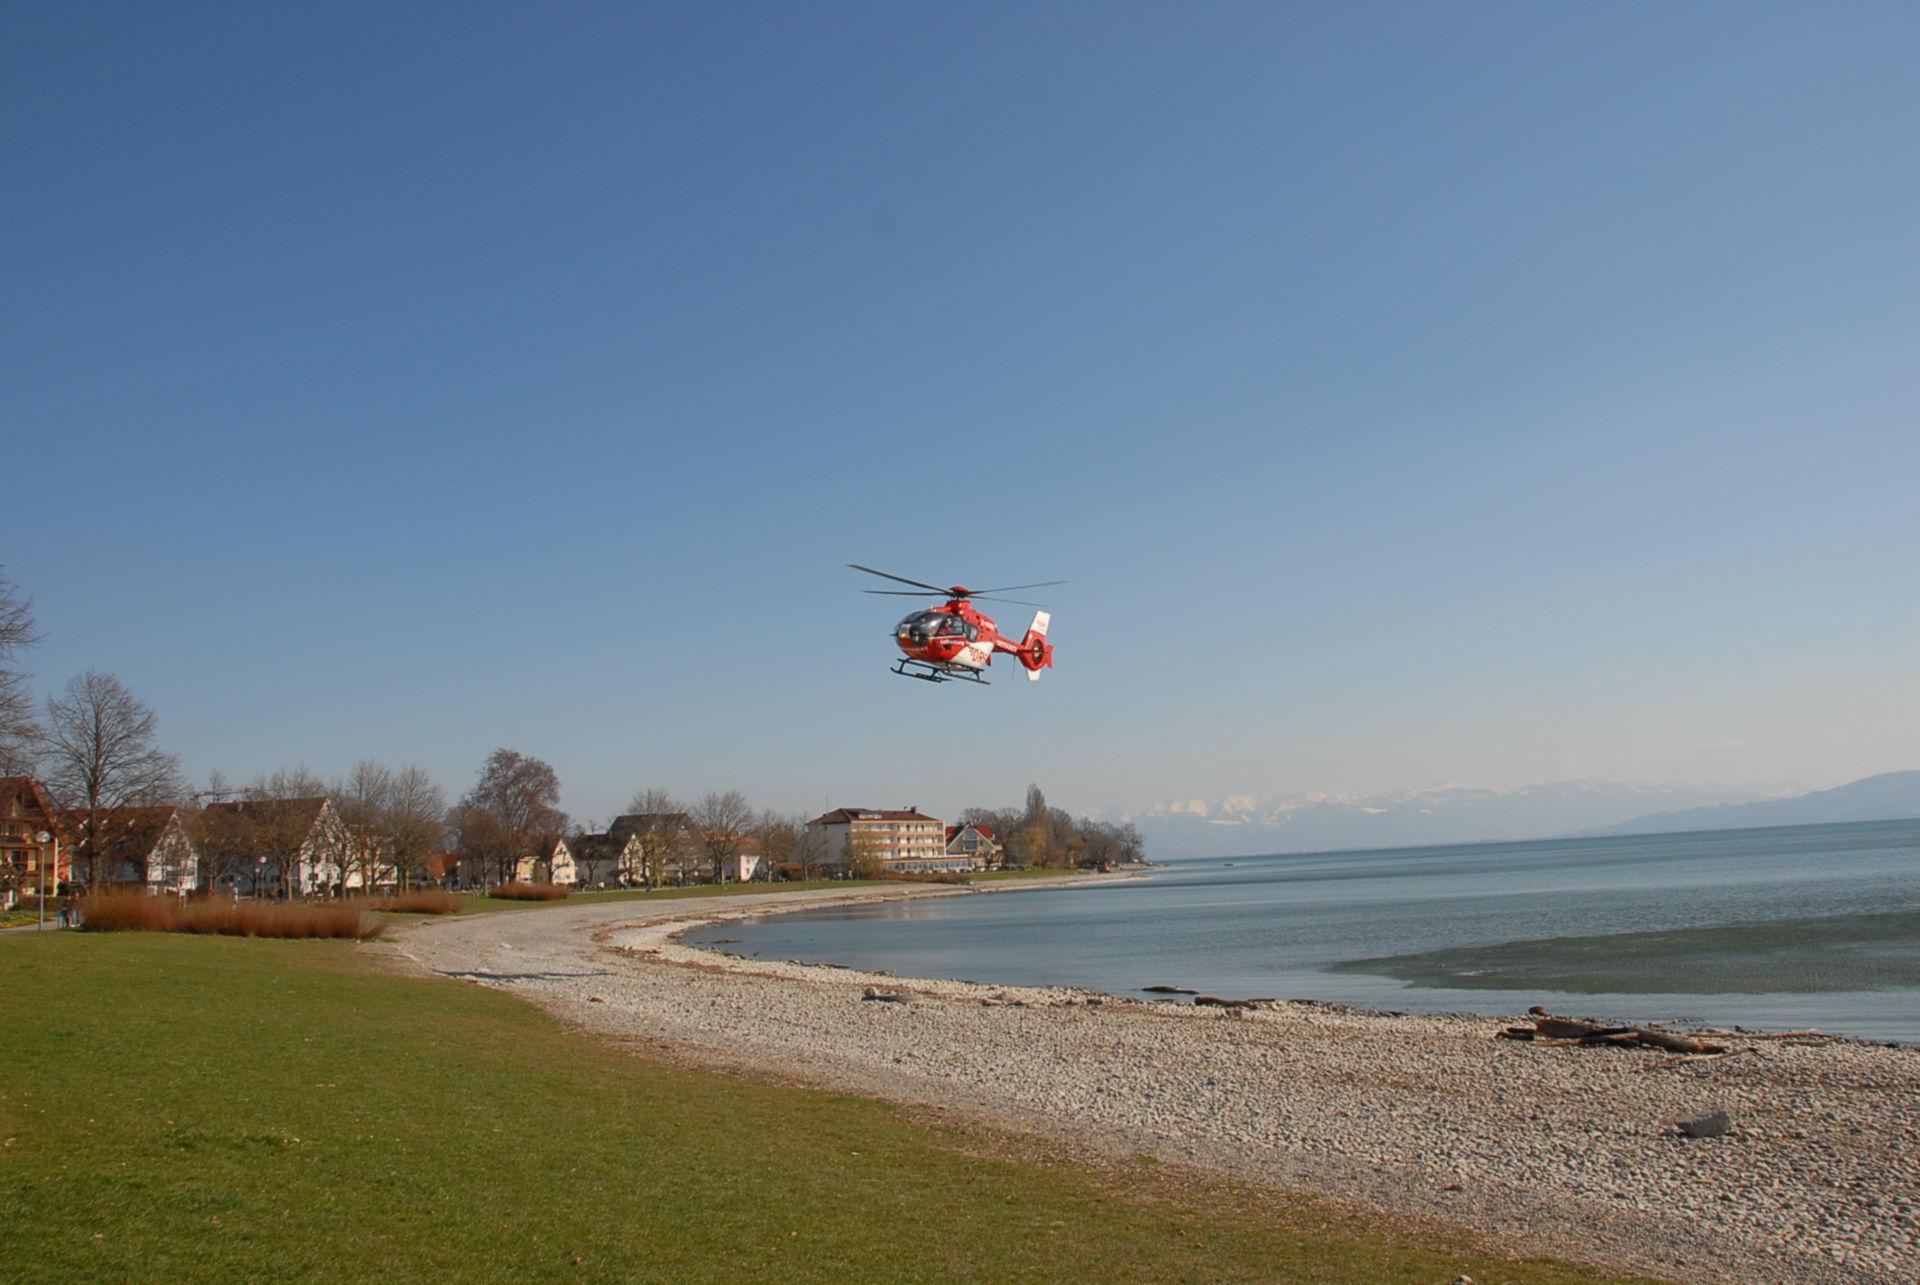 Elicottero di emergenza: volando sopra il lago di Costanza